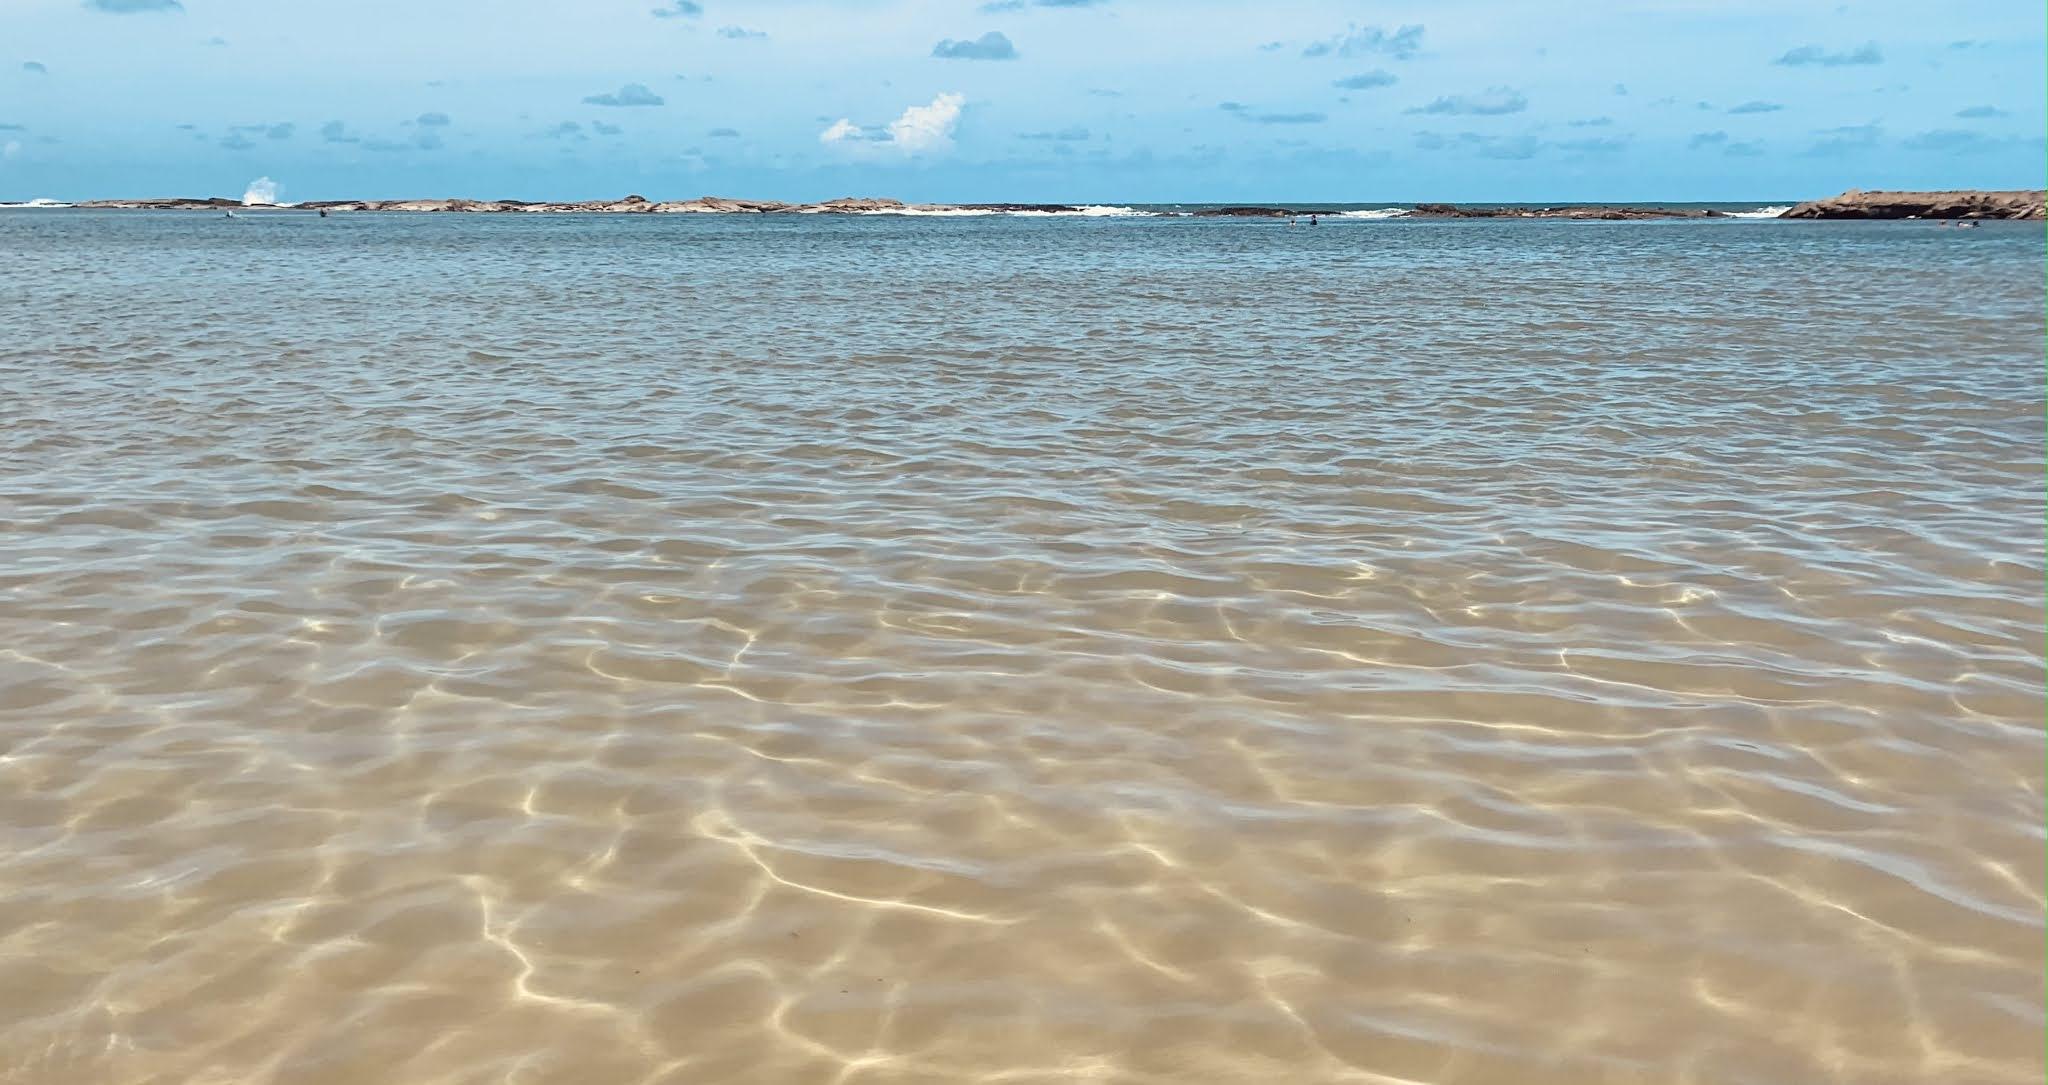 agua do mar cristalina e sem ondas